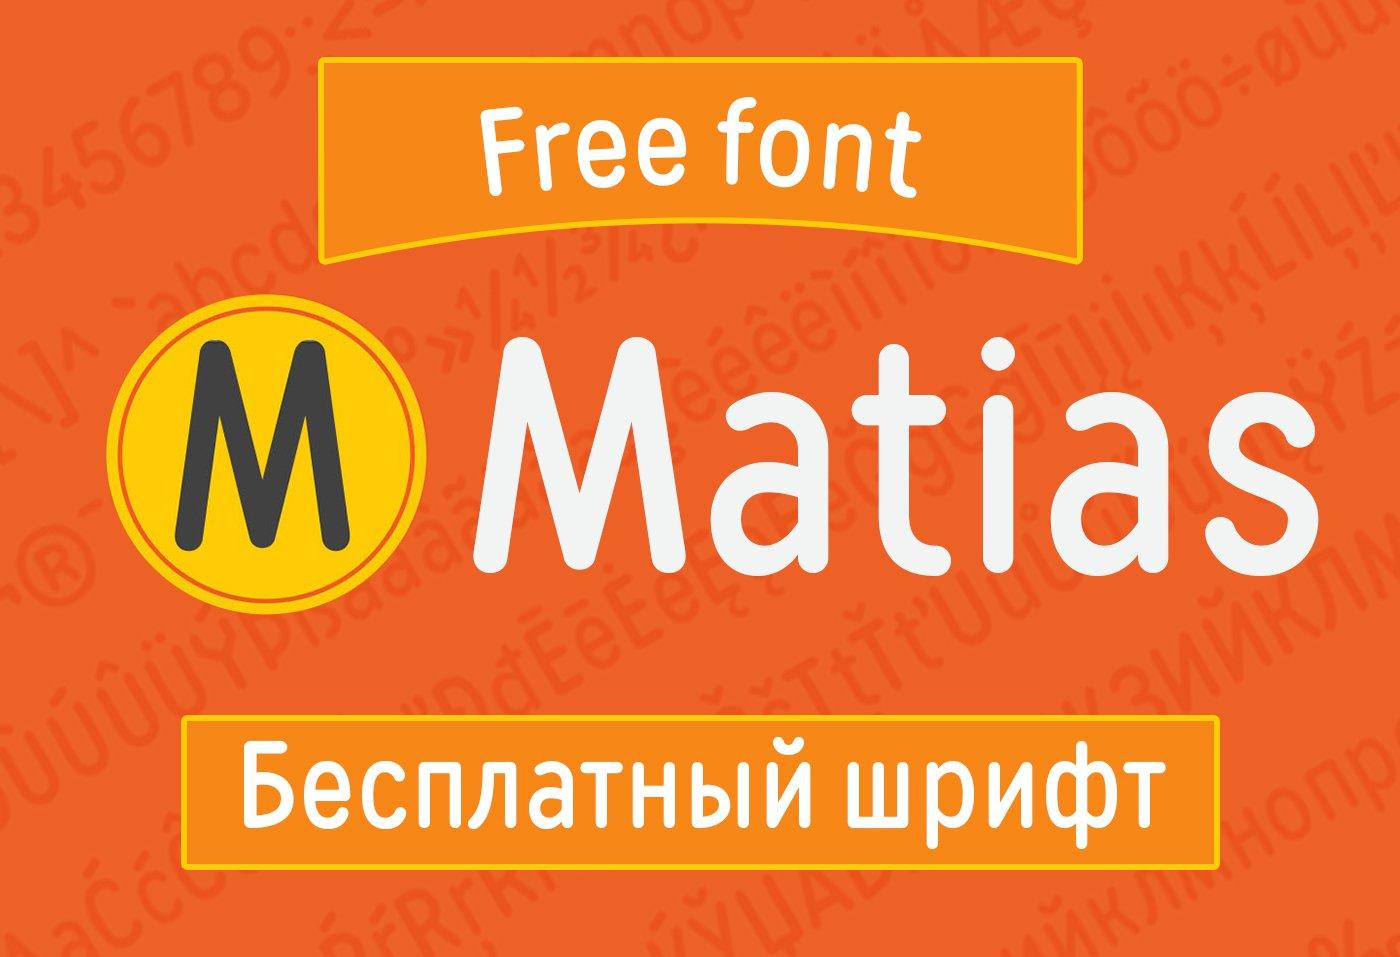 Free font Шрифт Matias скачать бесплатно